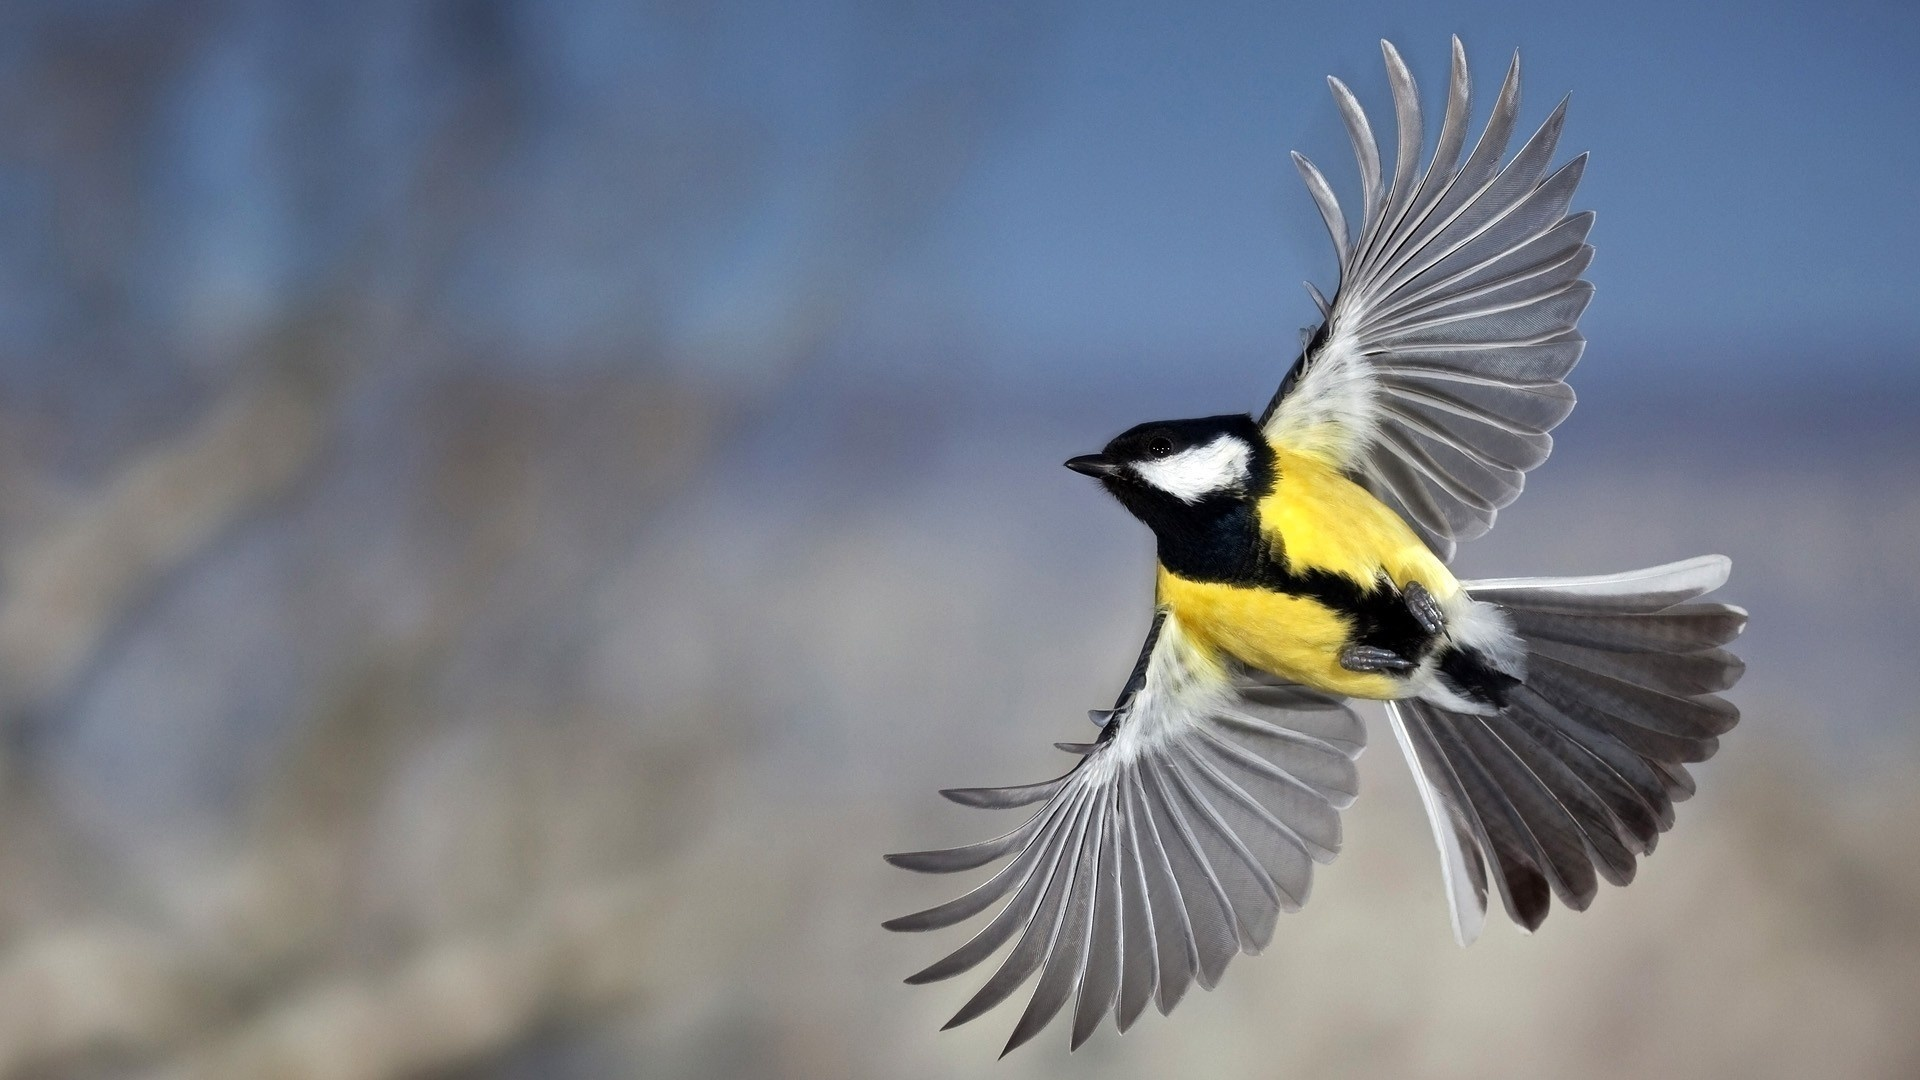 существующие с птицами картинки про необработанного края